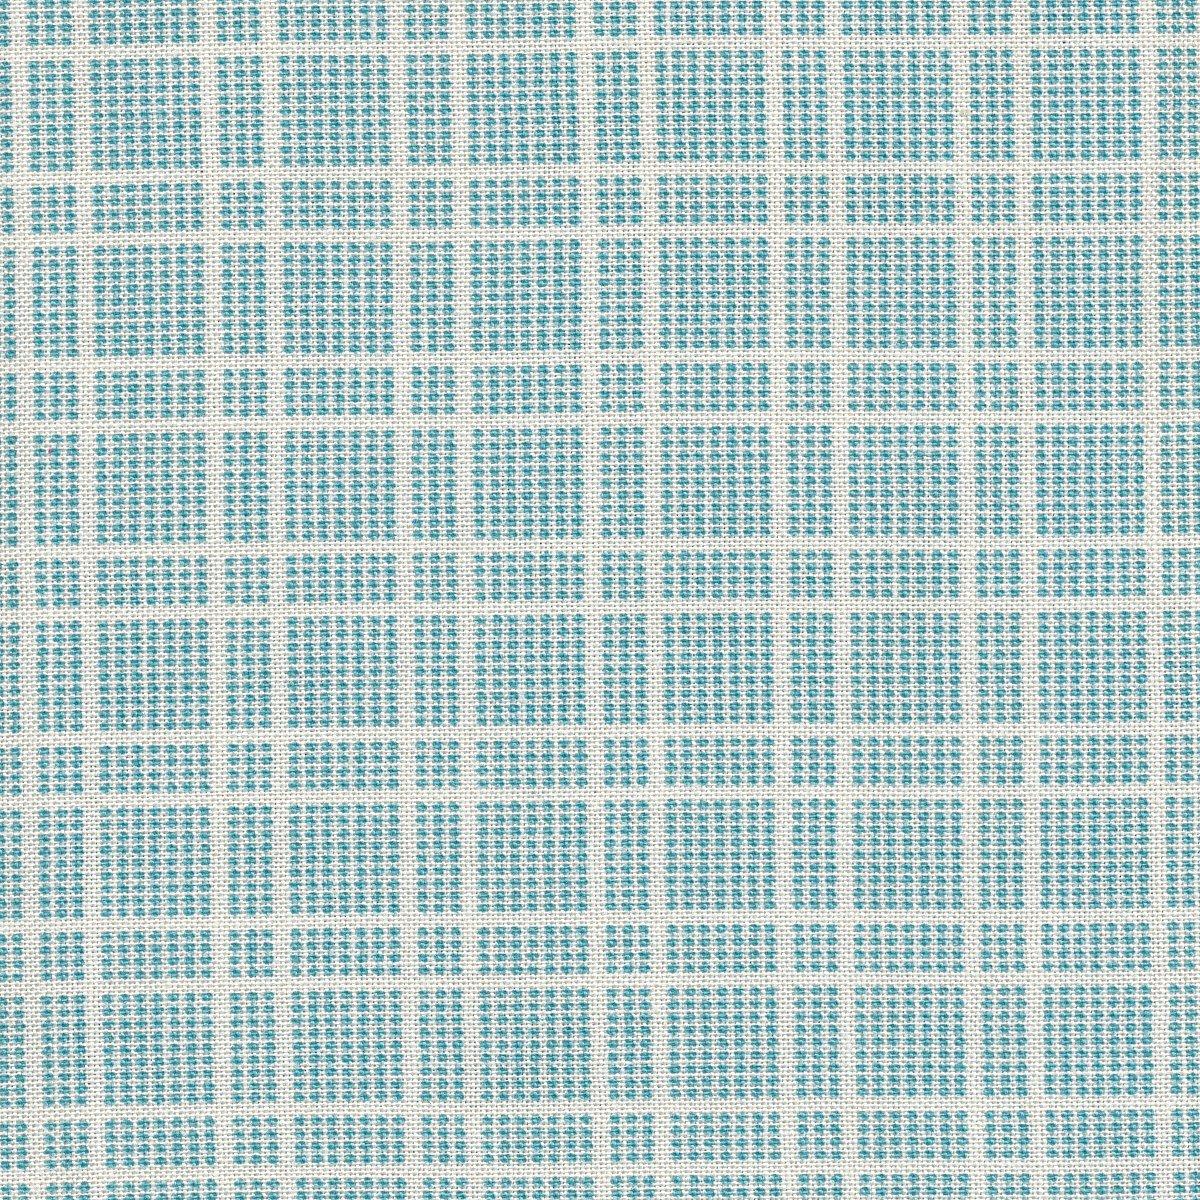 Tea Towel - Biscotti Plaid Teal - 130065